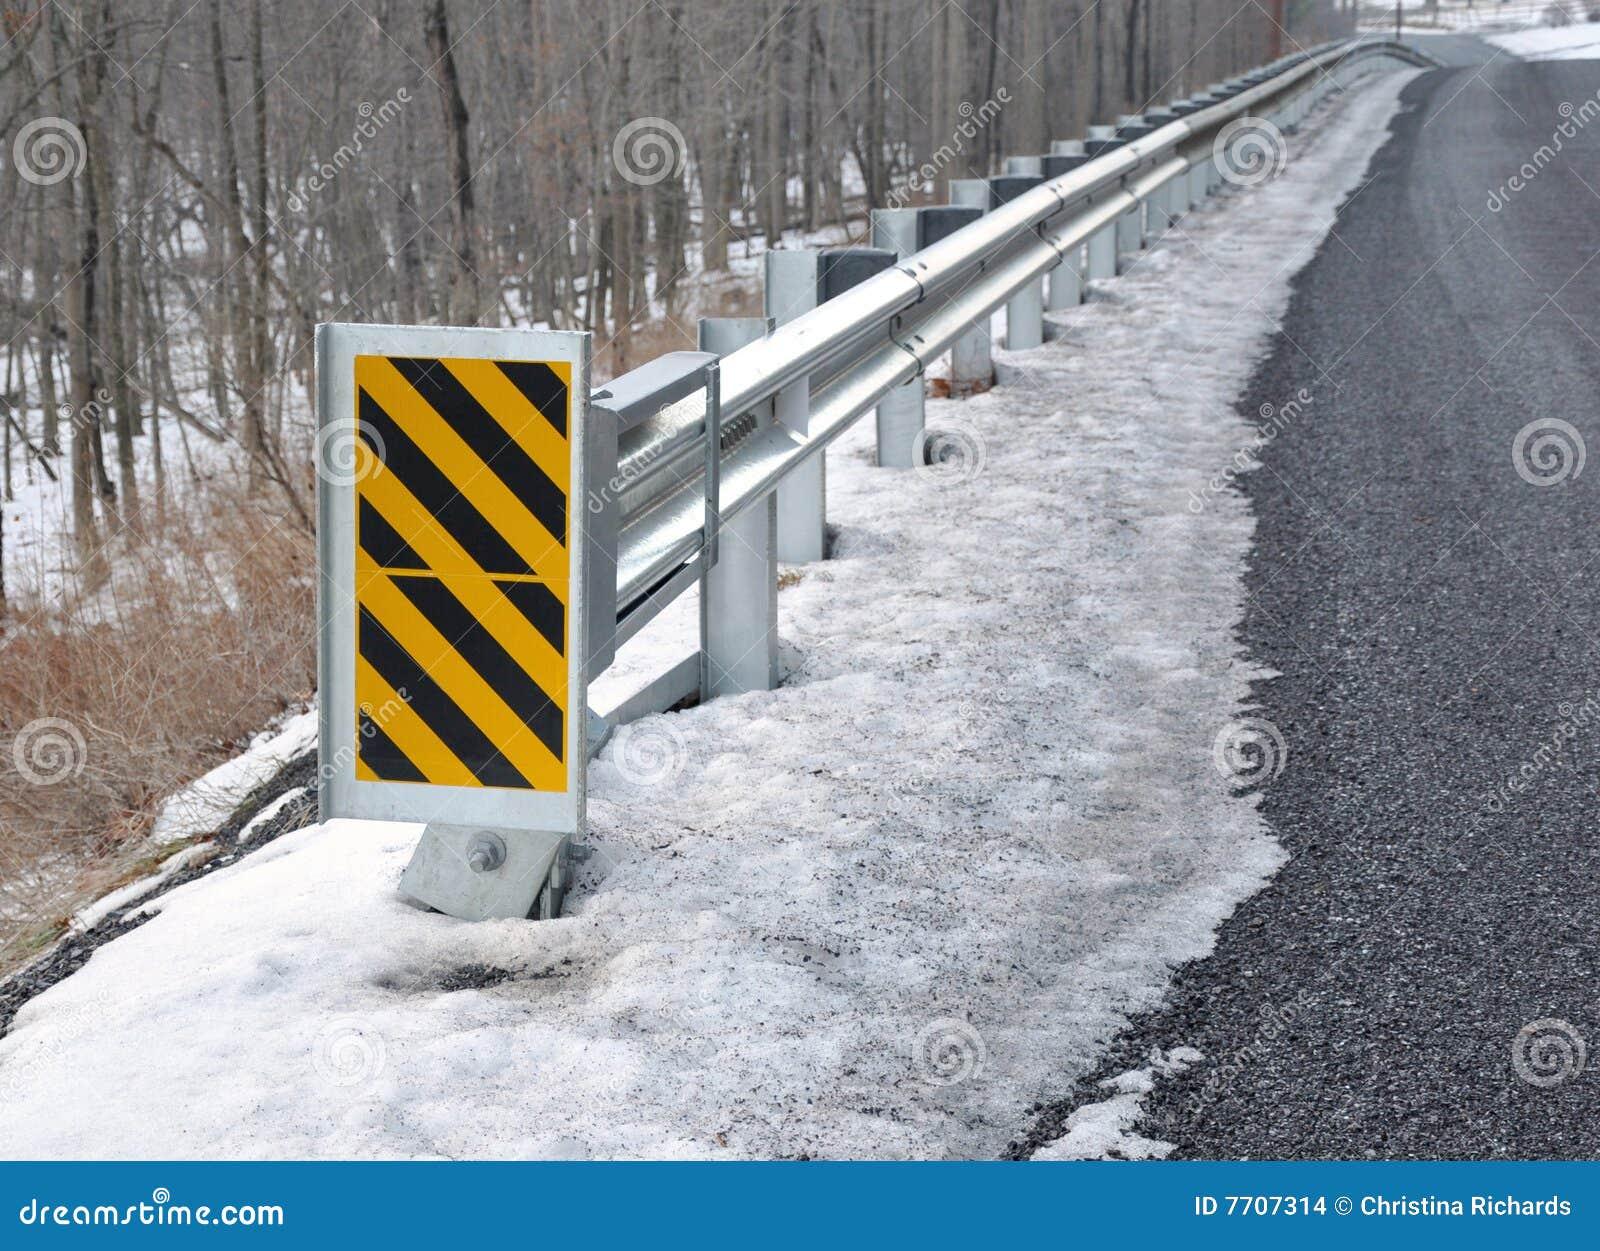 Guard Rail And Warning Sign Stock Photo Image 7707314